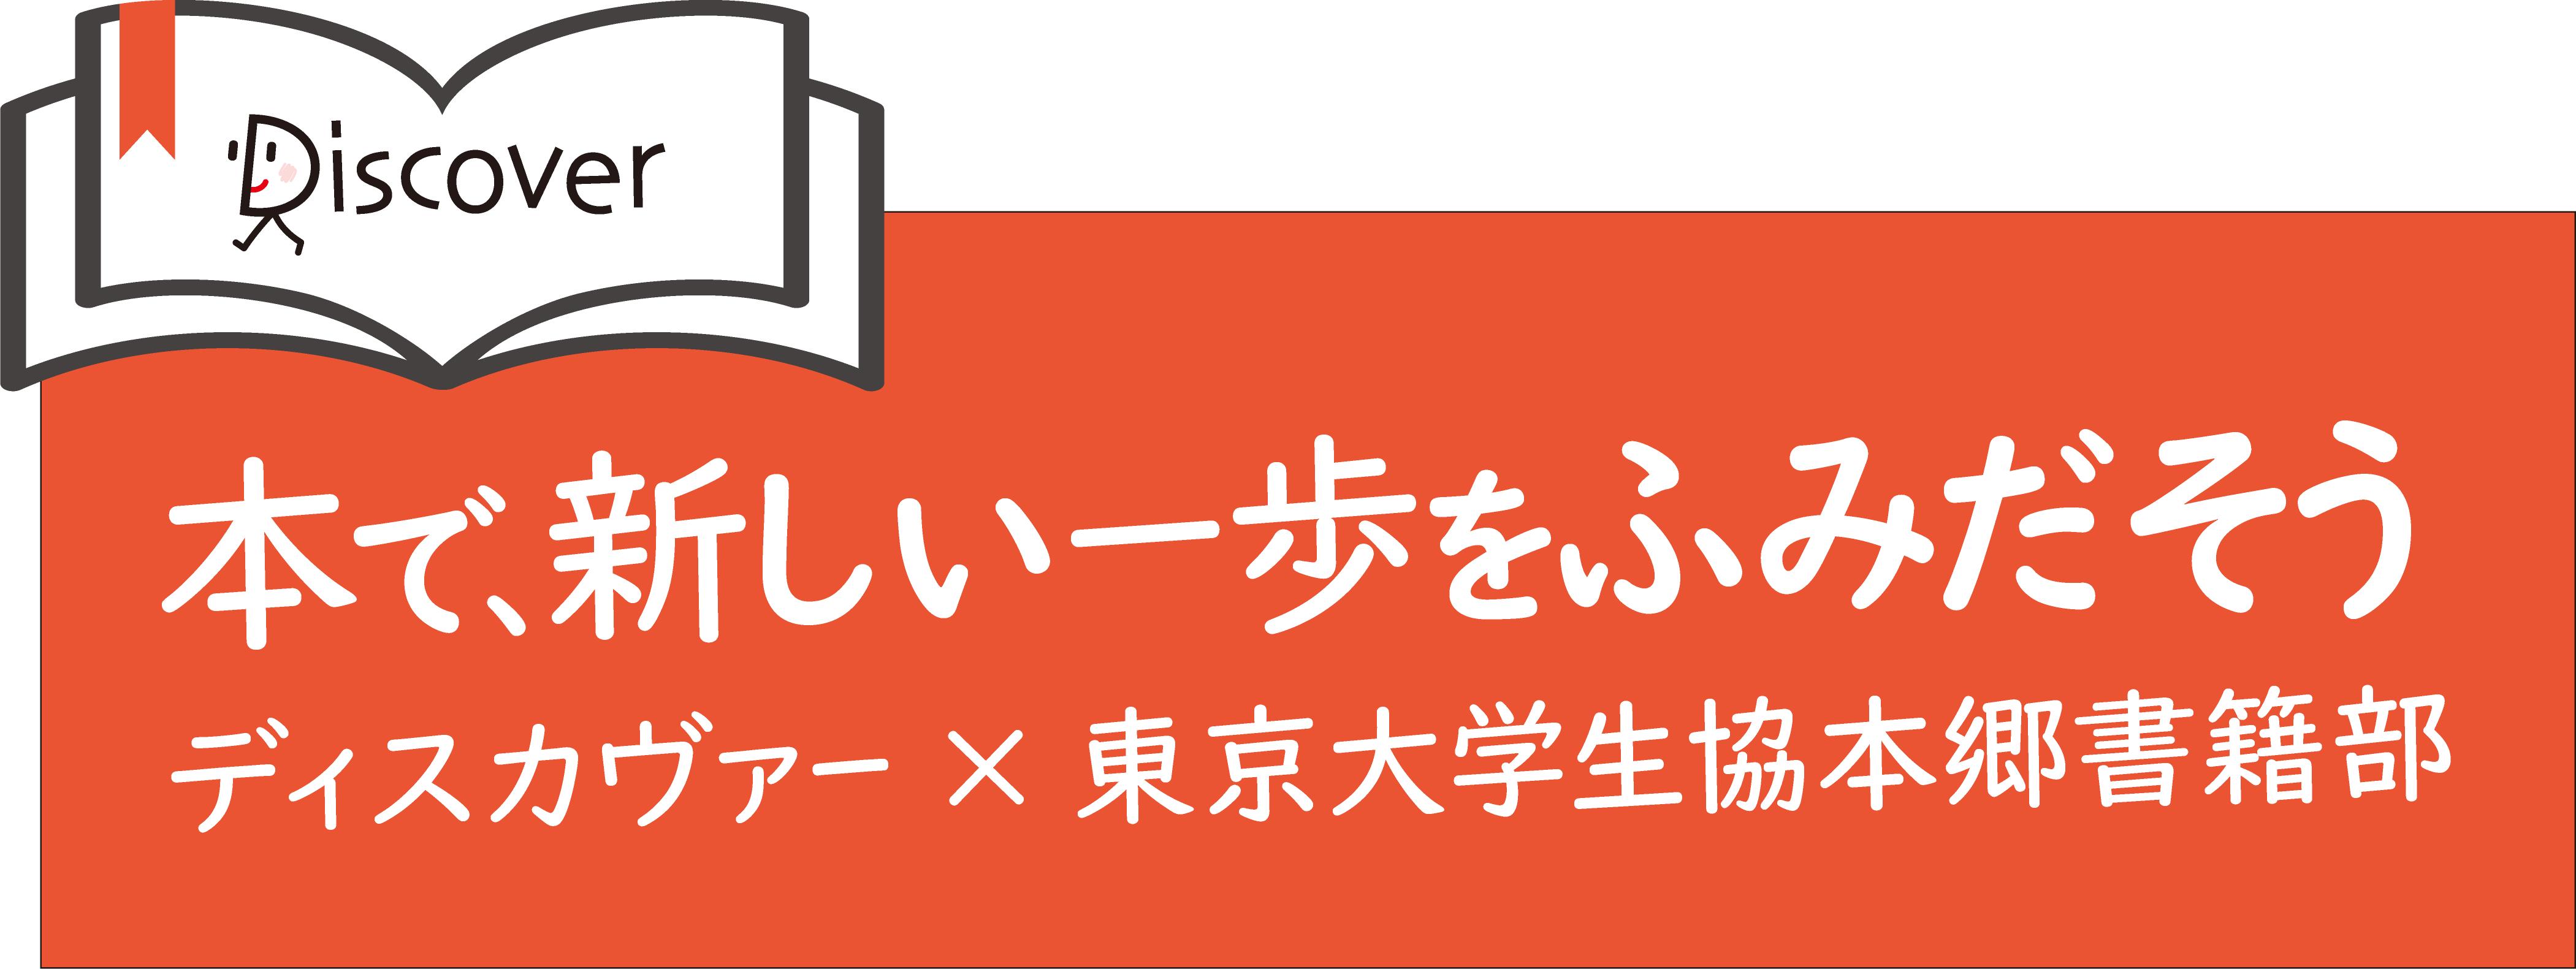 【東京大学生協本郷書籍部×ディスカヴァー】本で新しい一歩をふみだそう!「いま、東大生にオススメしたい本」をあつめたオリジナルフェア開催